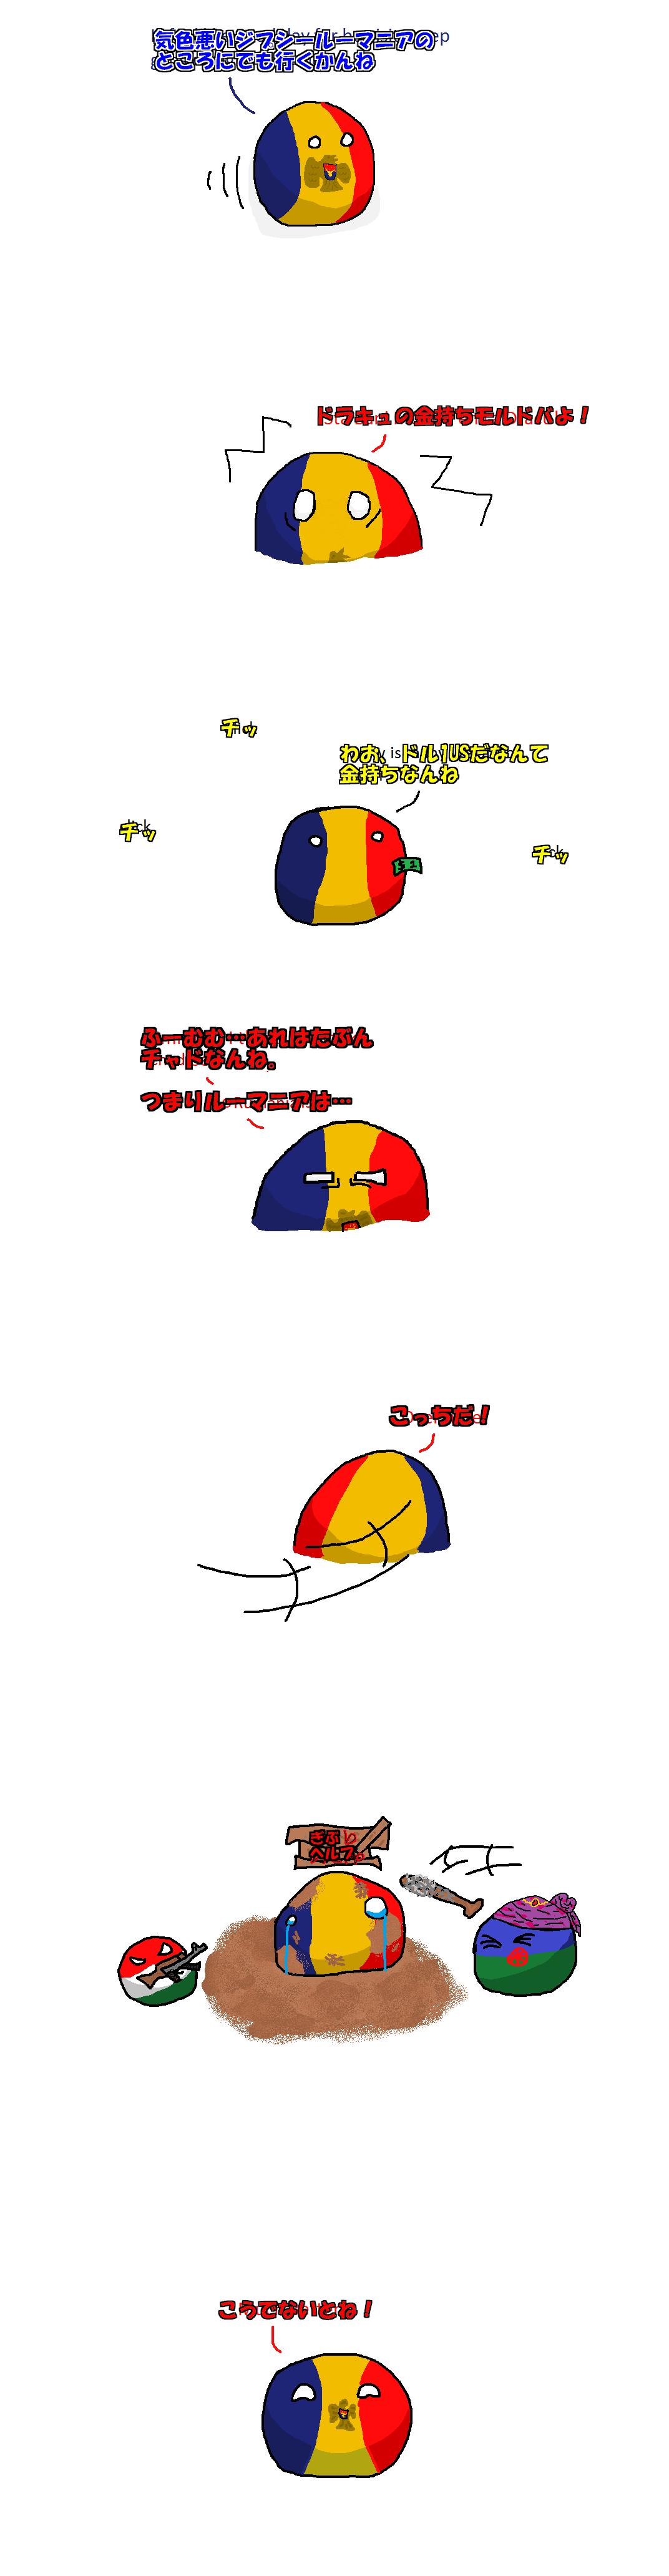 kXsDOmk.png